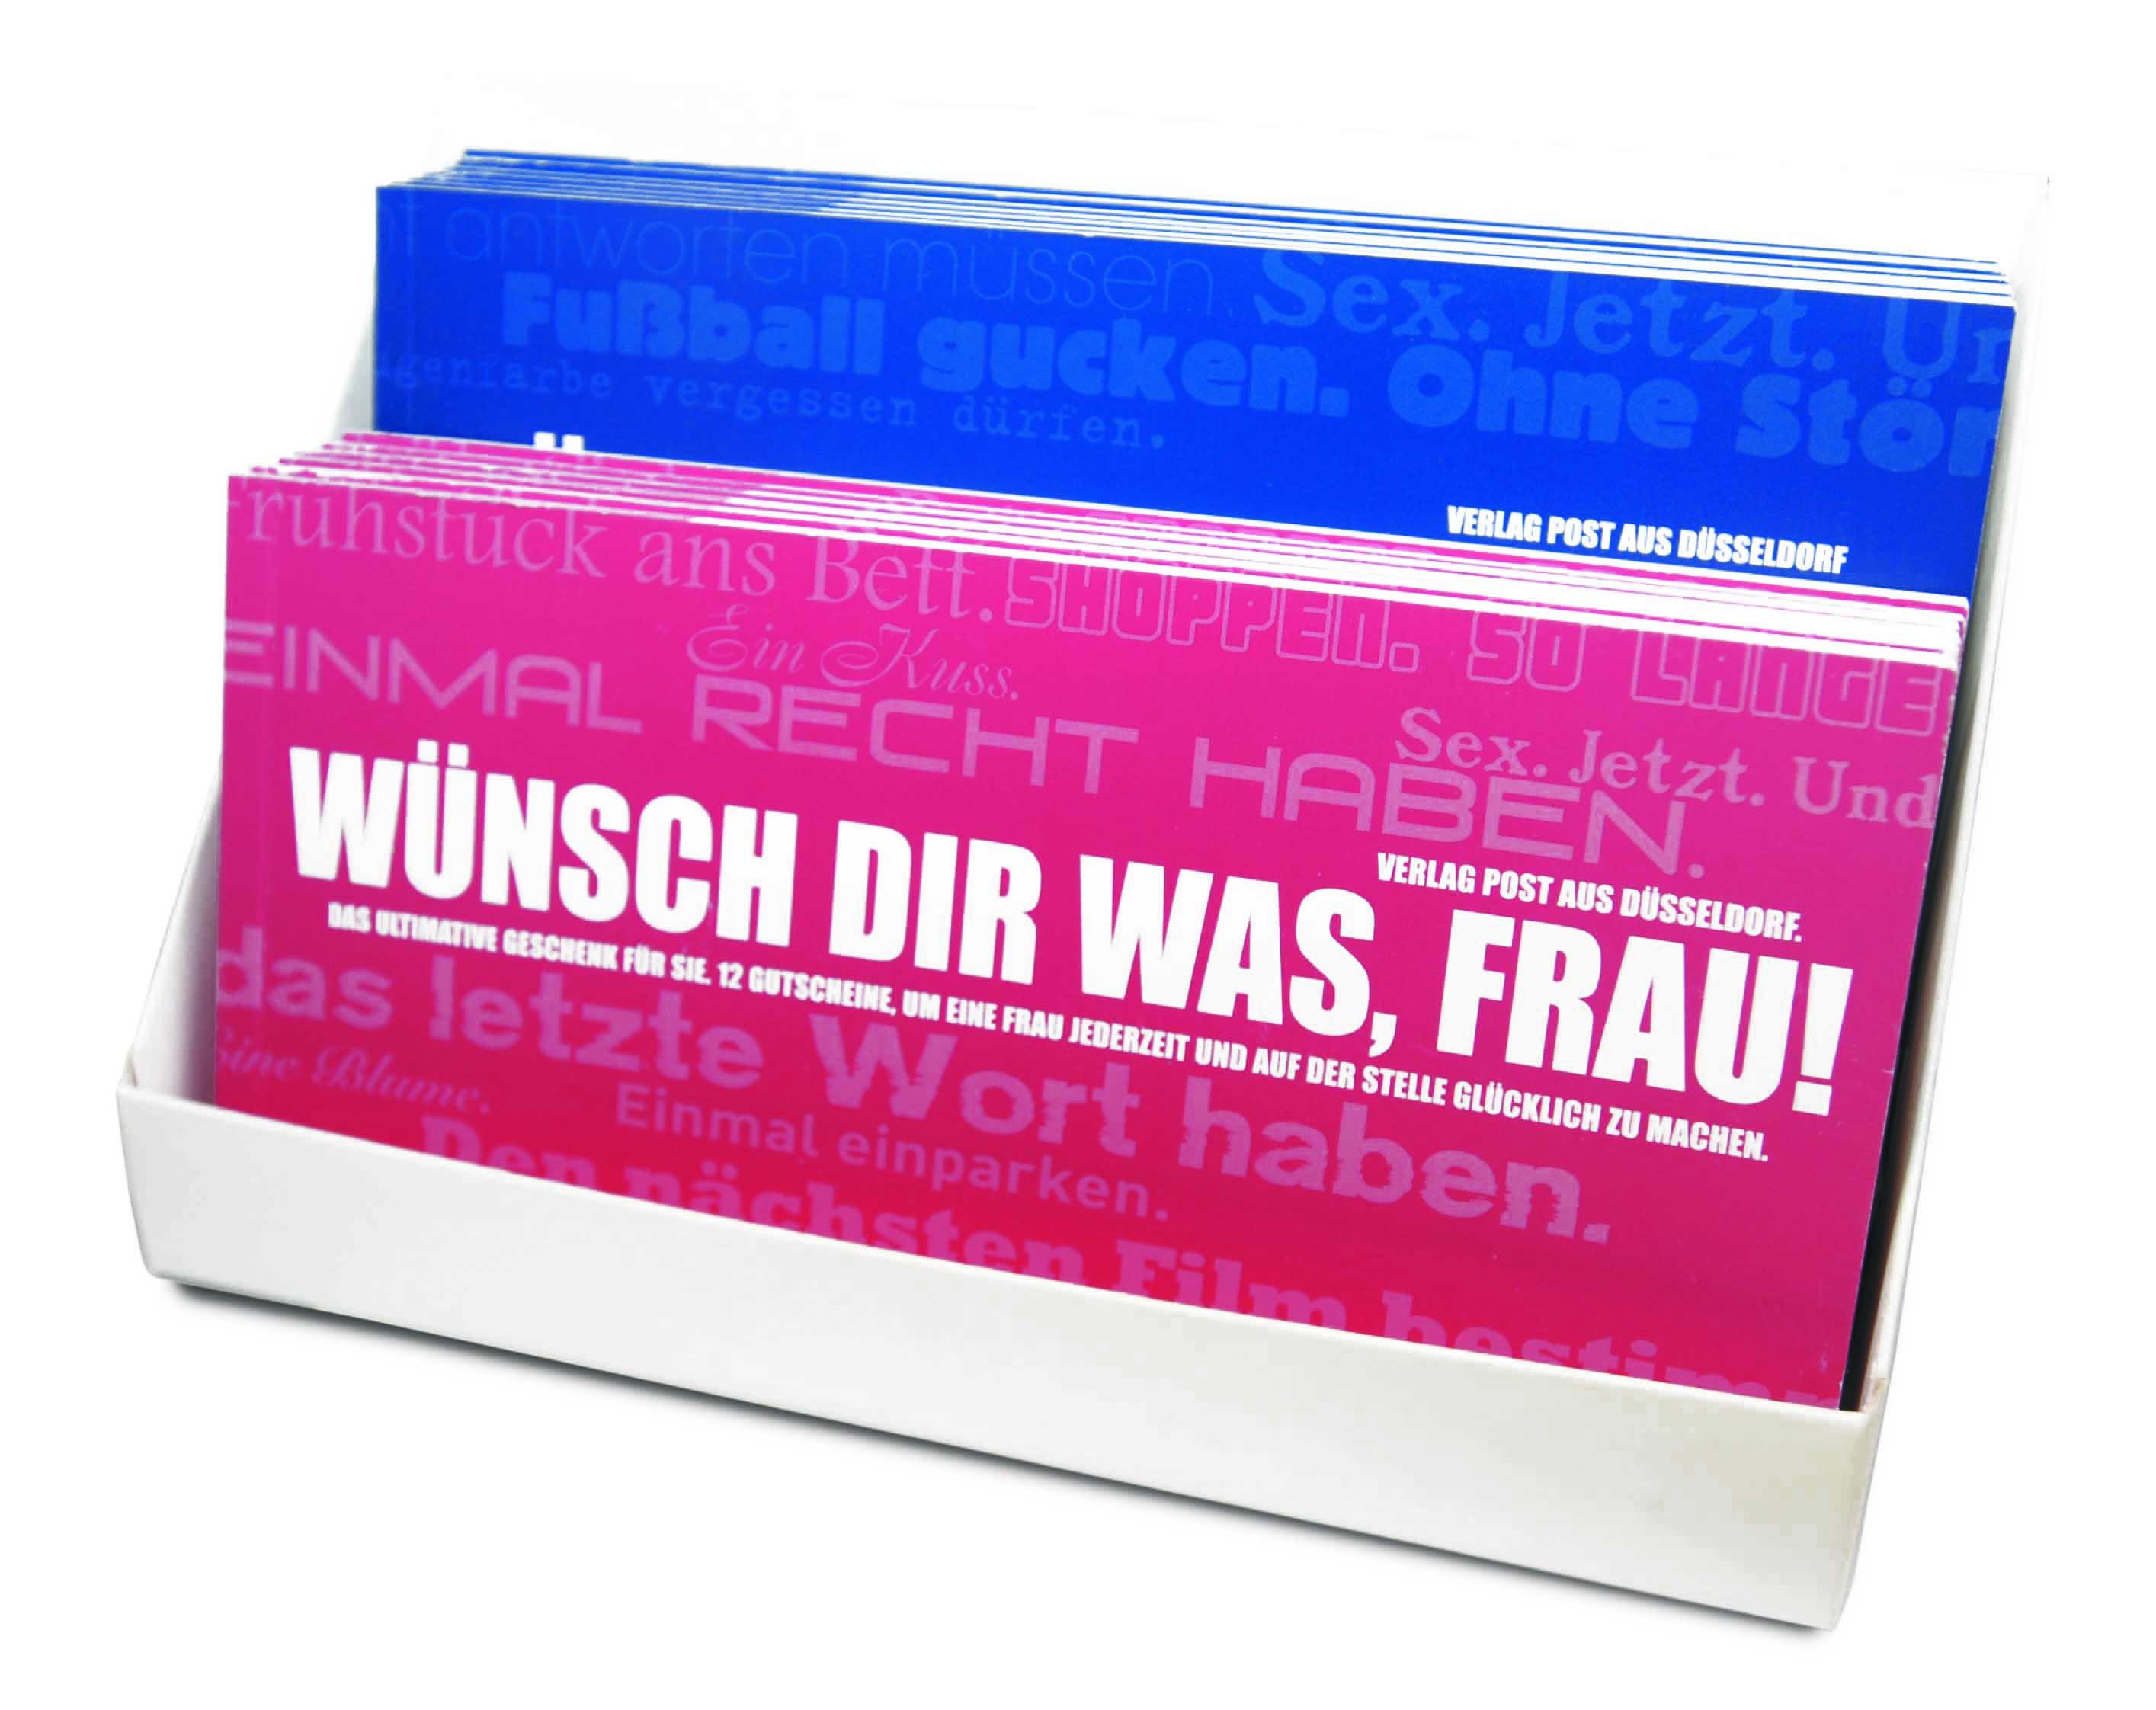 Geschenke F303274r Frauen Zu Weihnachten.Gutscheinbuch Fur Frauen Wunsch Dir Was Frau